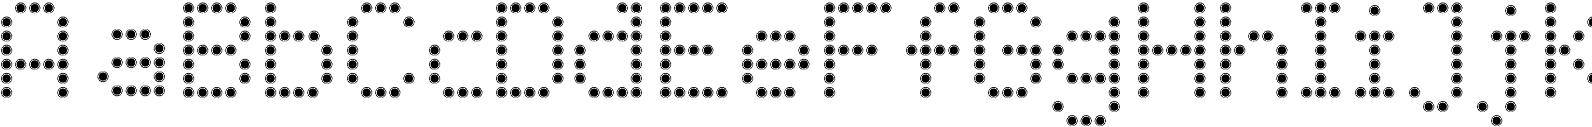 Drunken Pixel